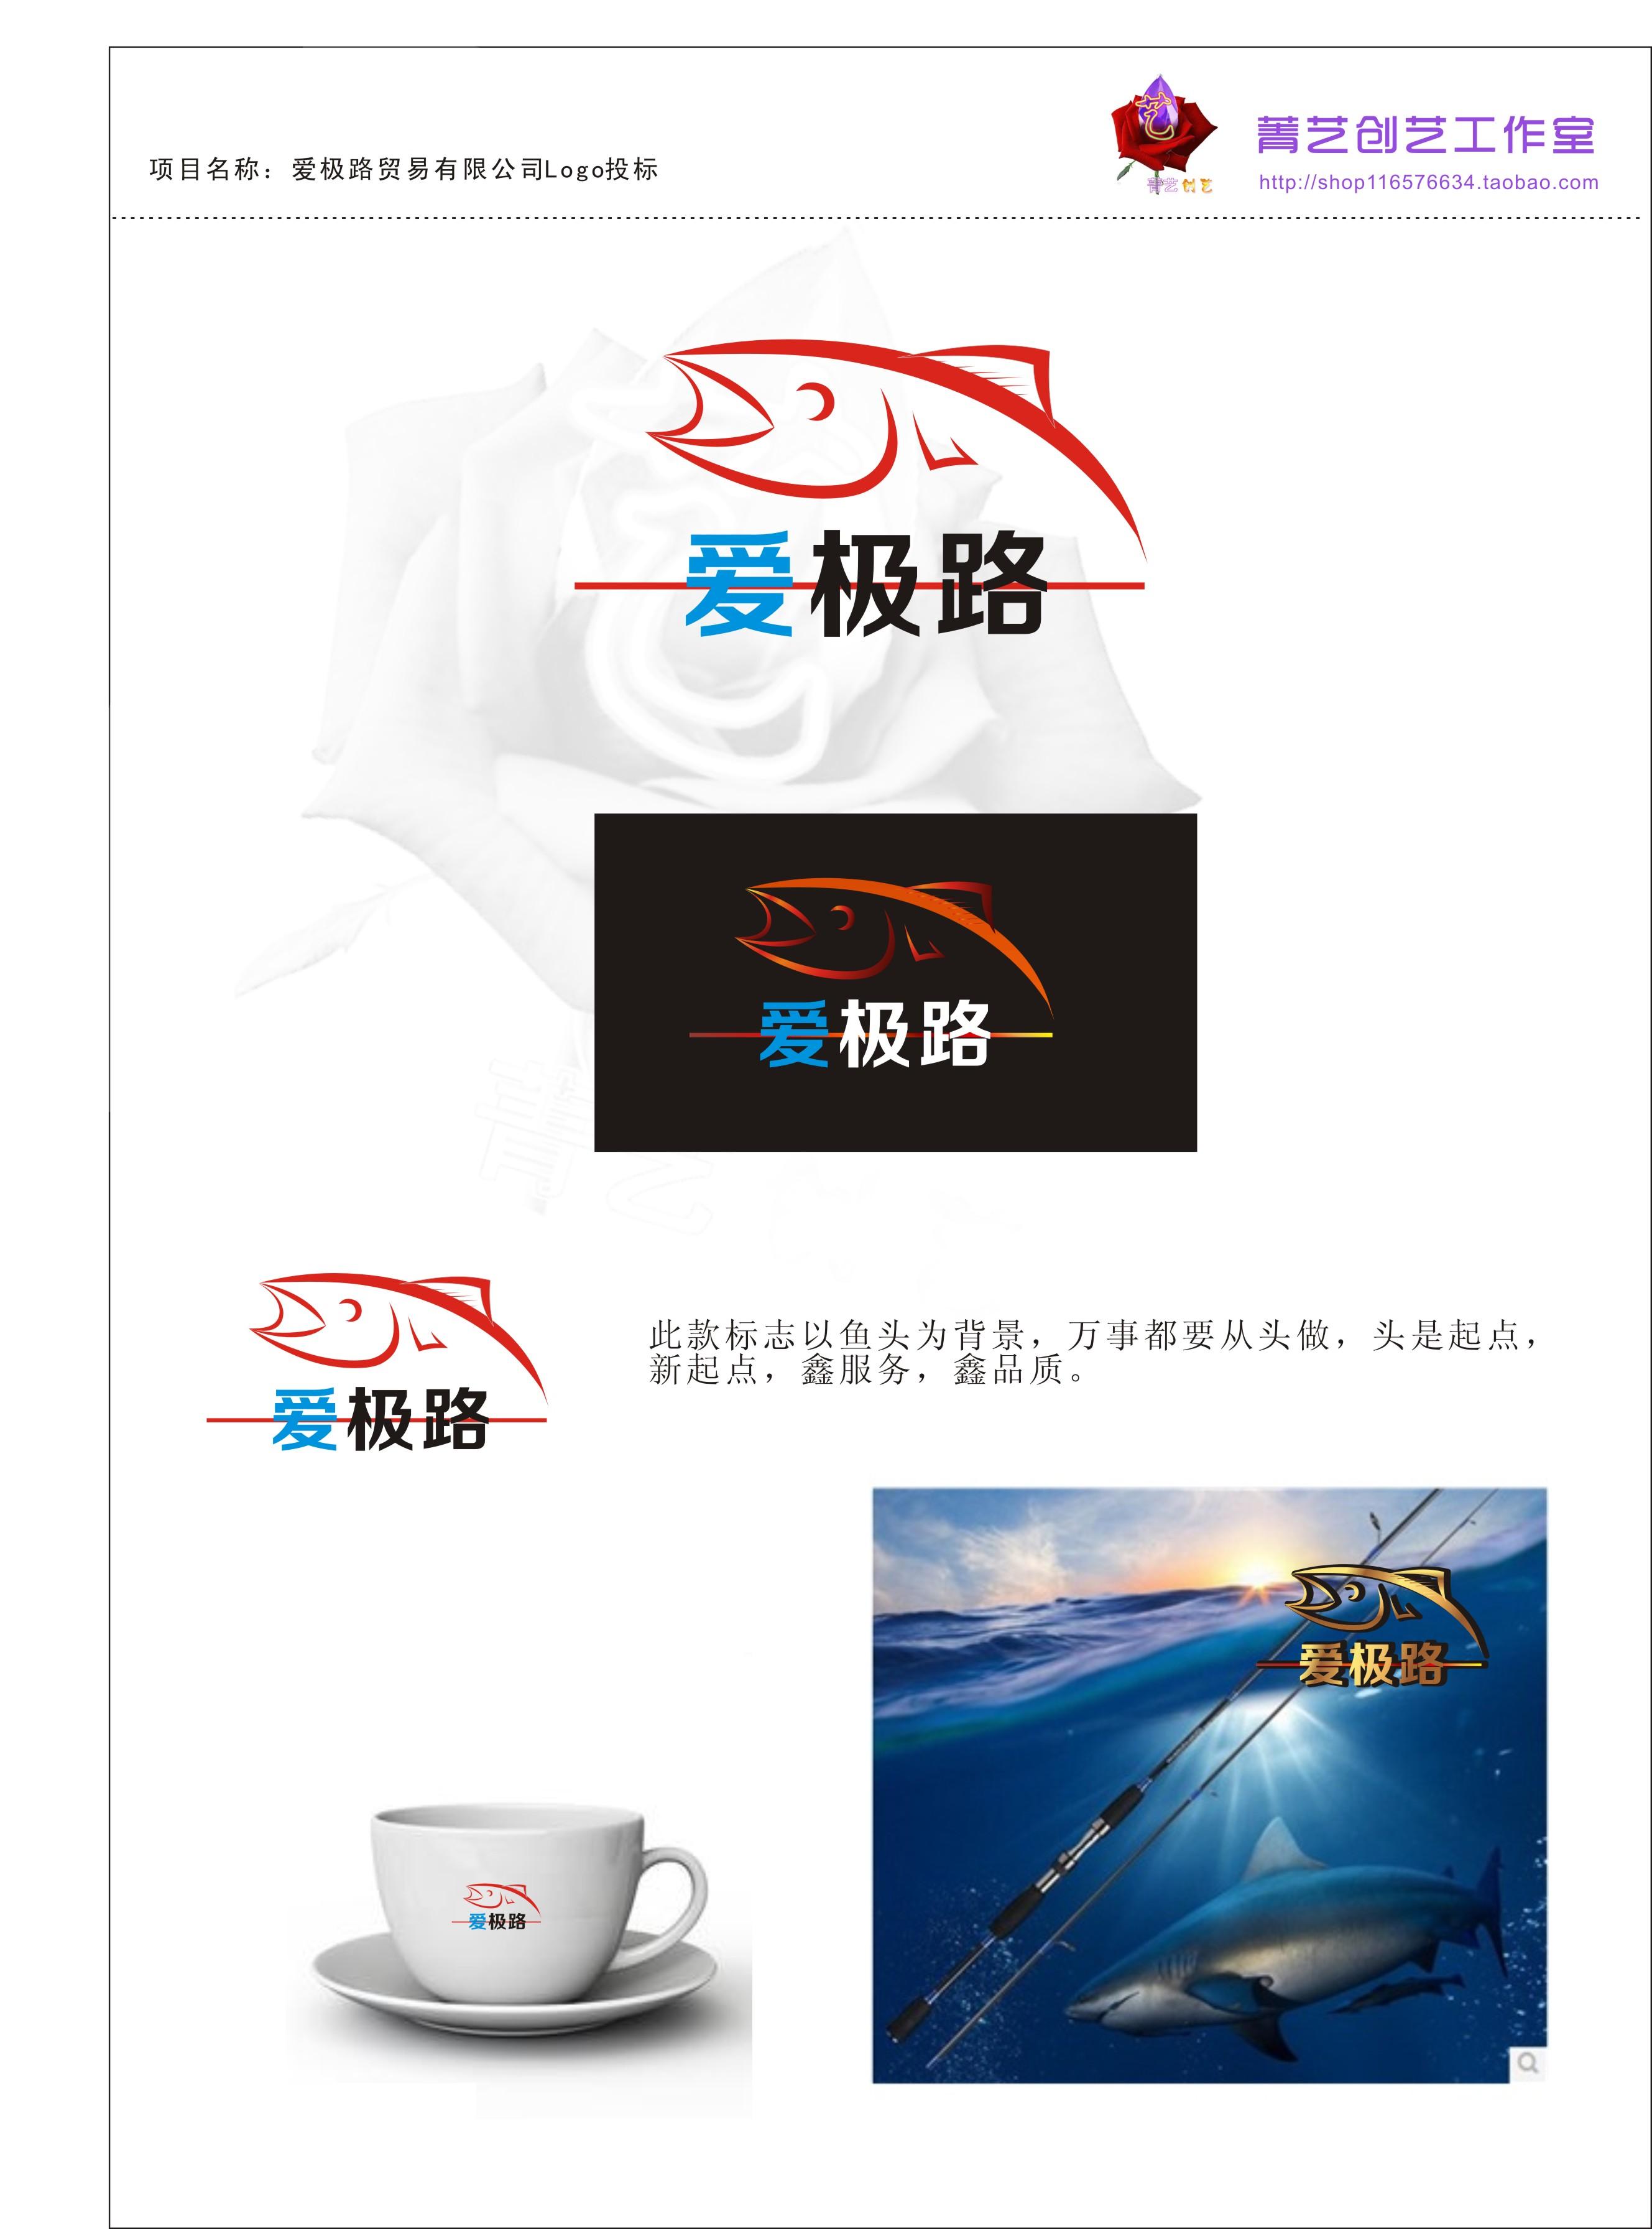 渔具贸易公司的logo和名片设计_logo设计_商标/vi设计